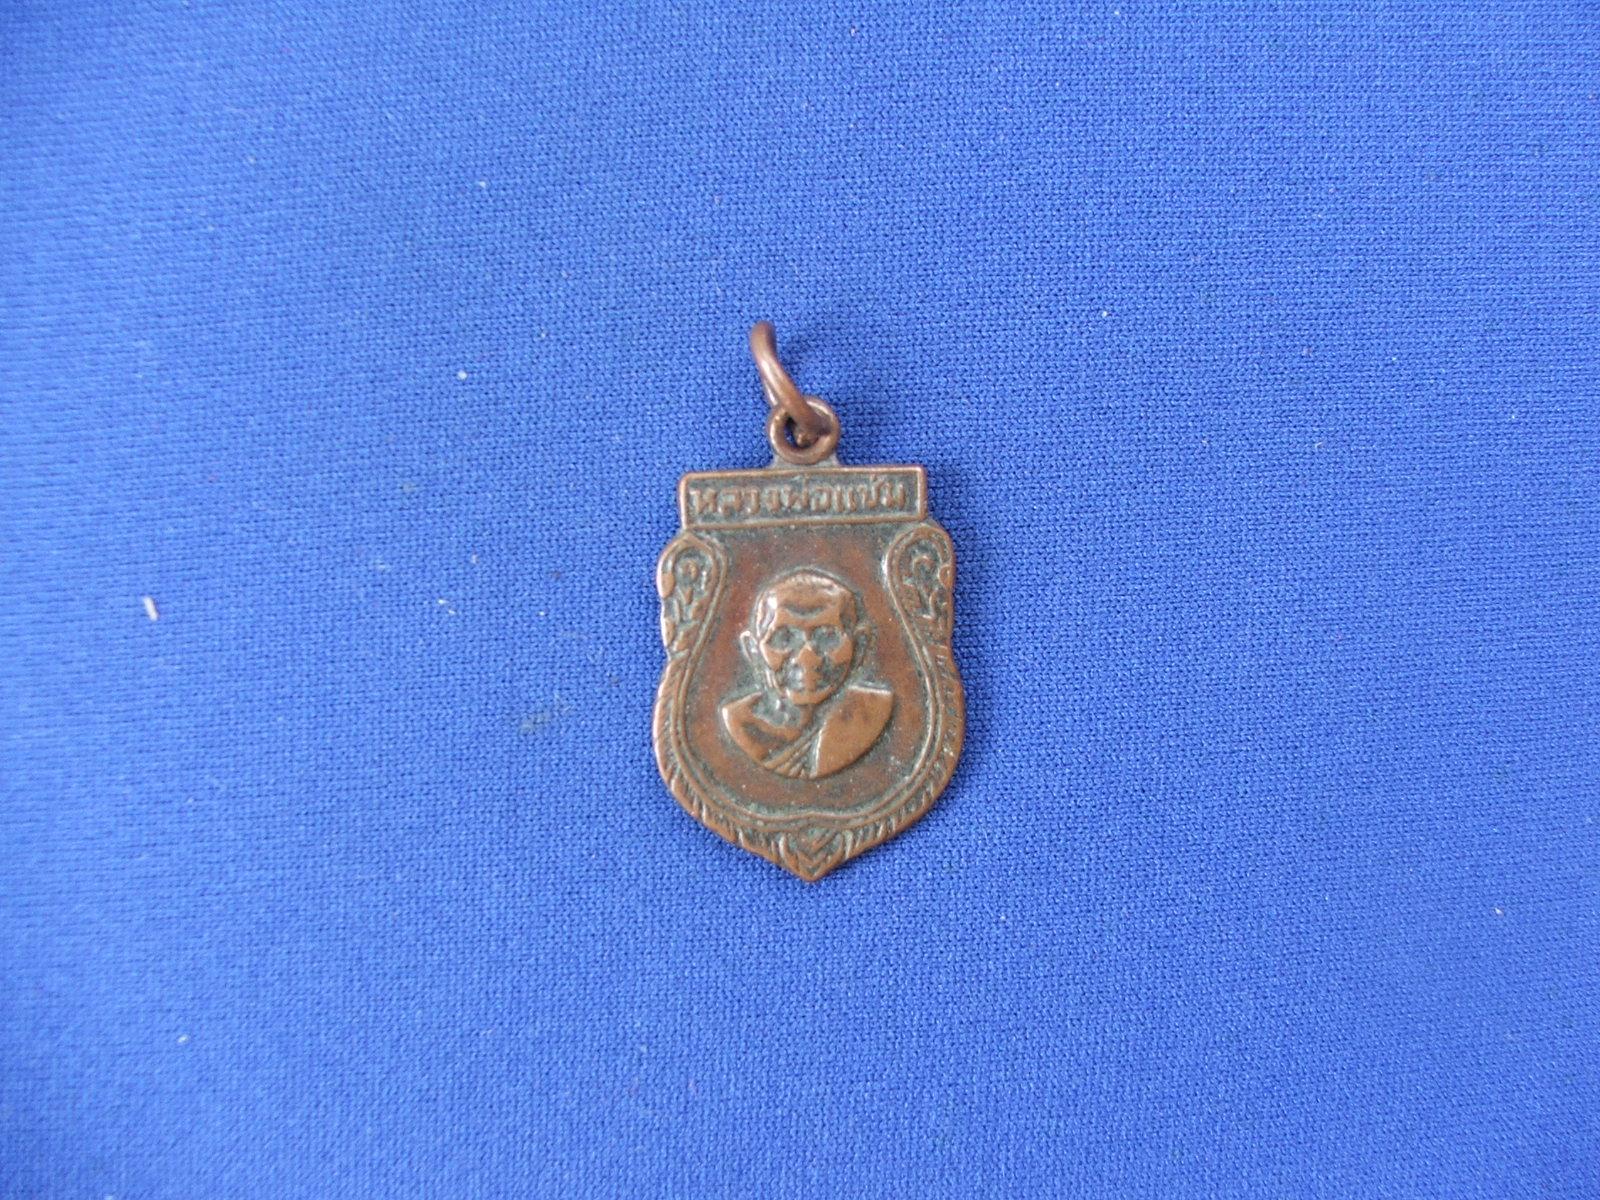 เหรียญหลวงพ่อแช่ม วัดดอนยายหอม ปี2516 เนื้อทองแดง